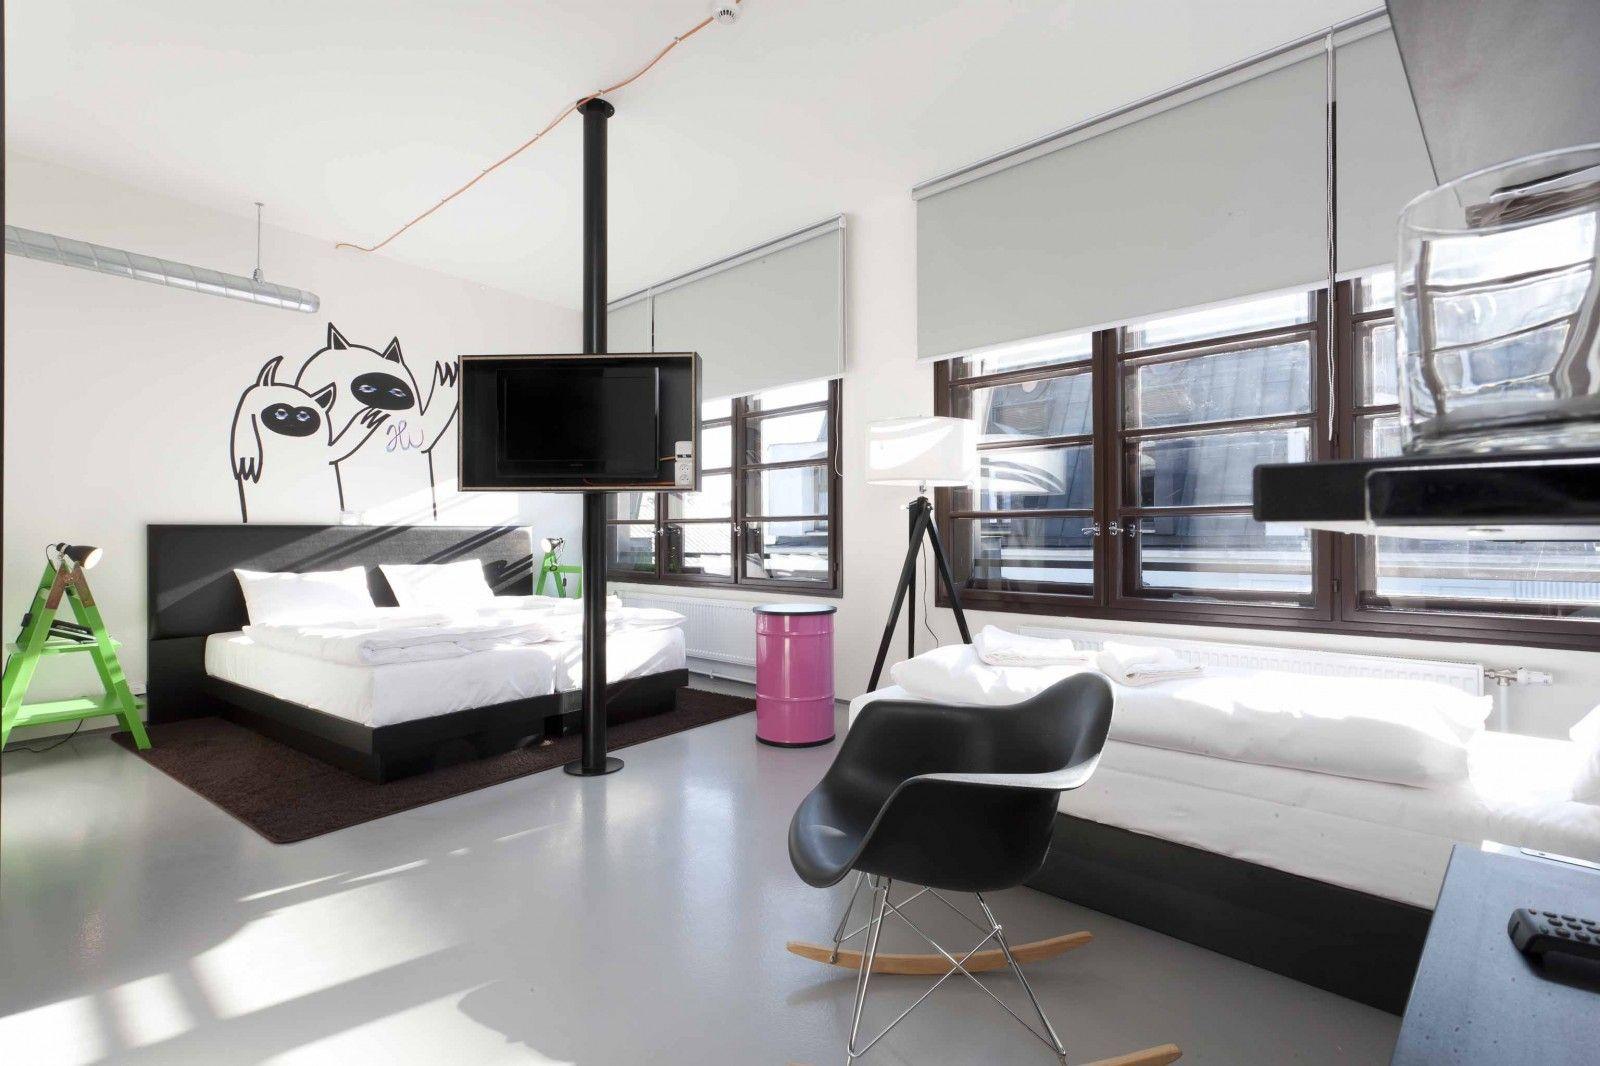 Fusion Hotel | Vladimir Zak and Roman Vrtiska | Hospitality ...